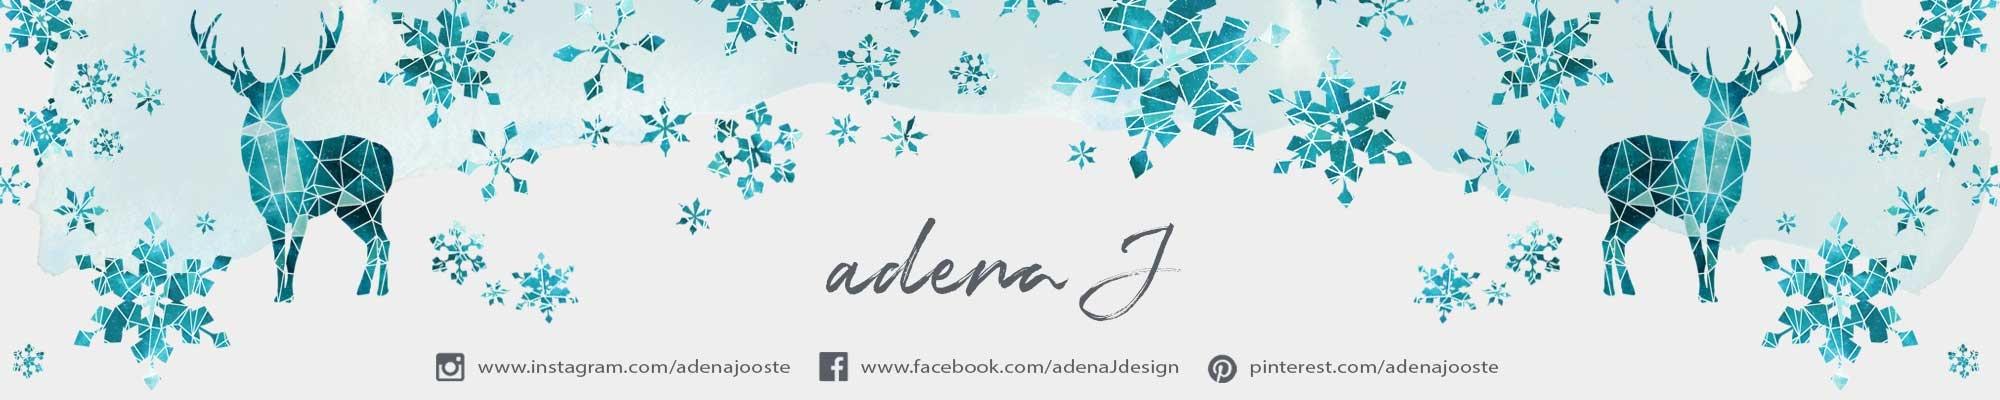 AdenaJ Cover